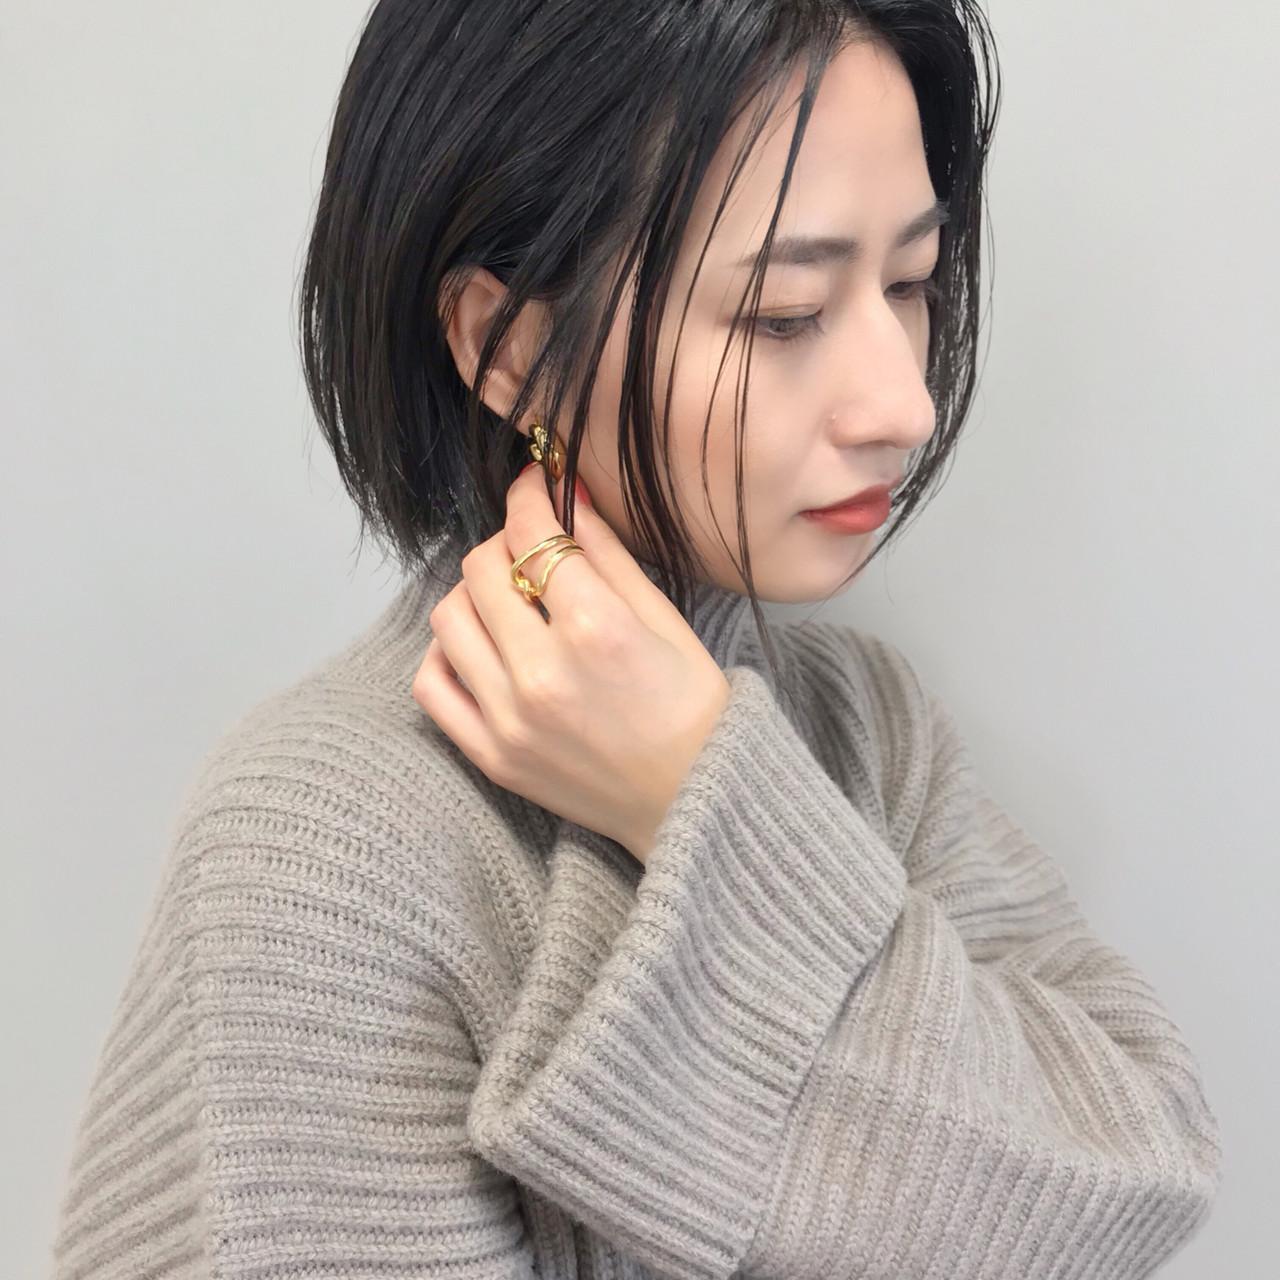 大人女子 福岡市 ボブ ヘアカラー ヘアスタイルや髪型の写真・画像 | HARUNA / GO TODAY 福岡天神店